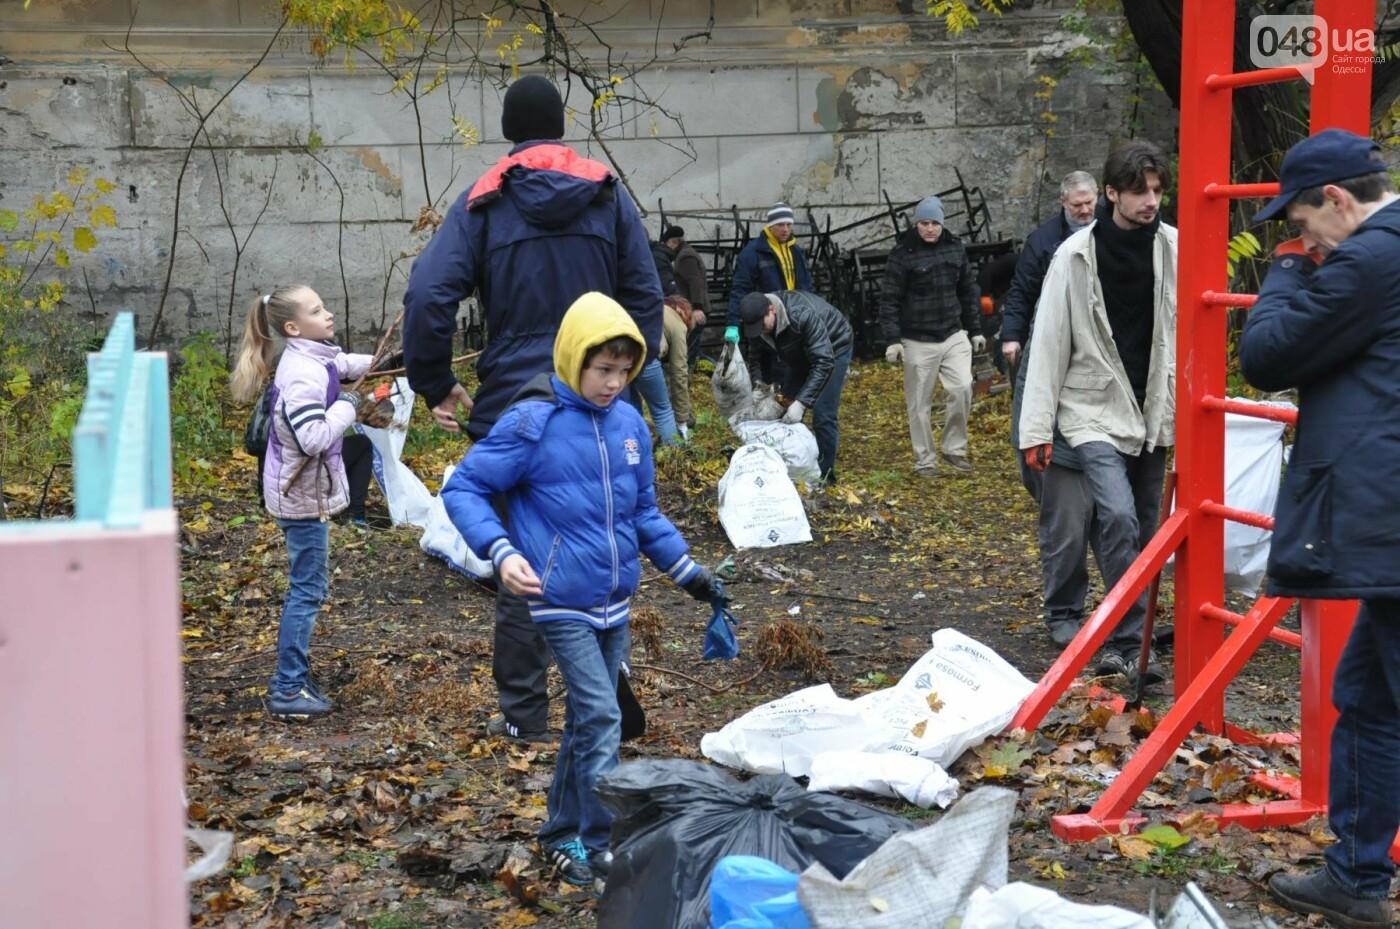 Активисты навели порядок в одесском Летнем театре (ФОТО), фото-24